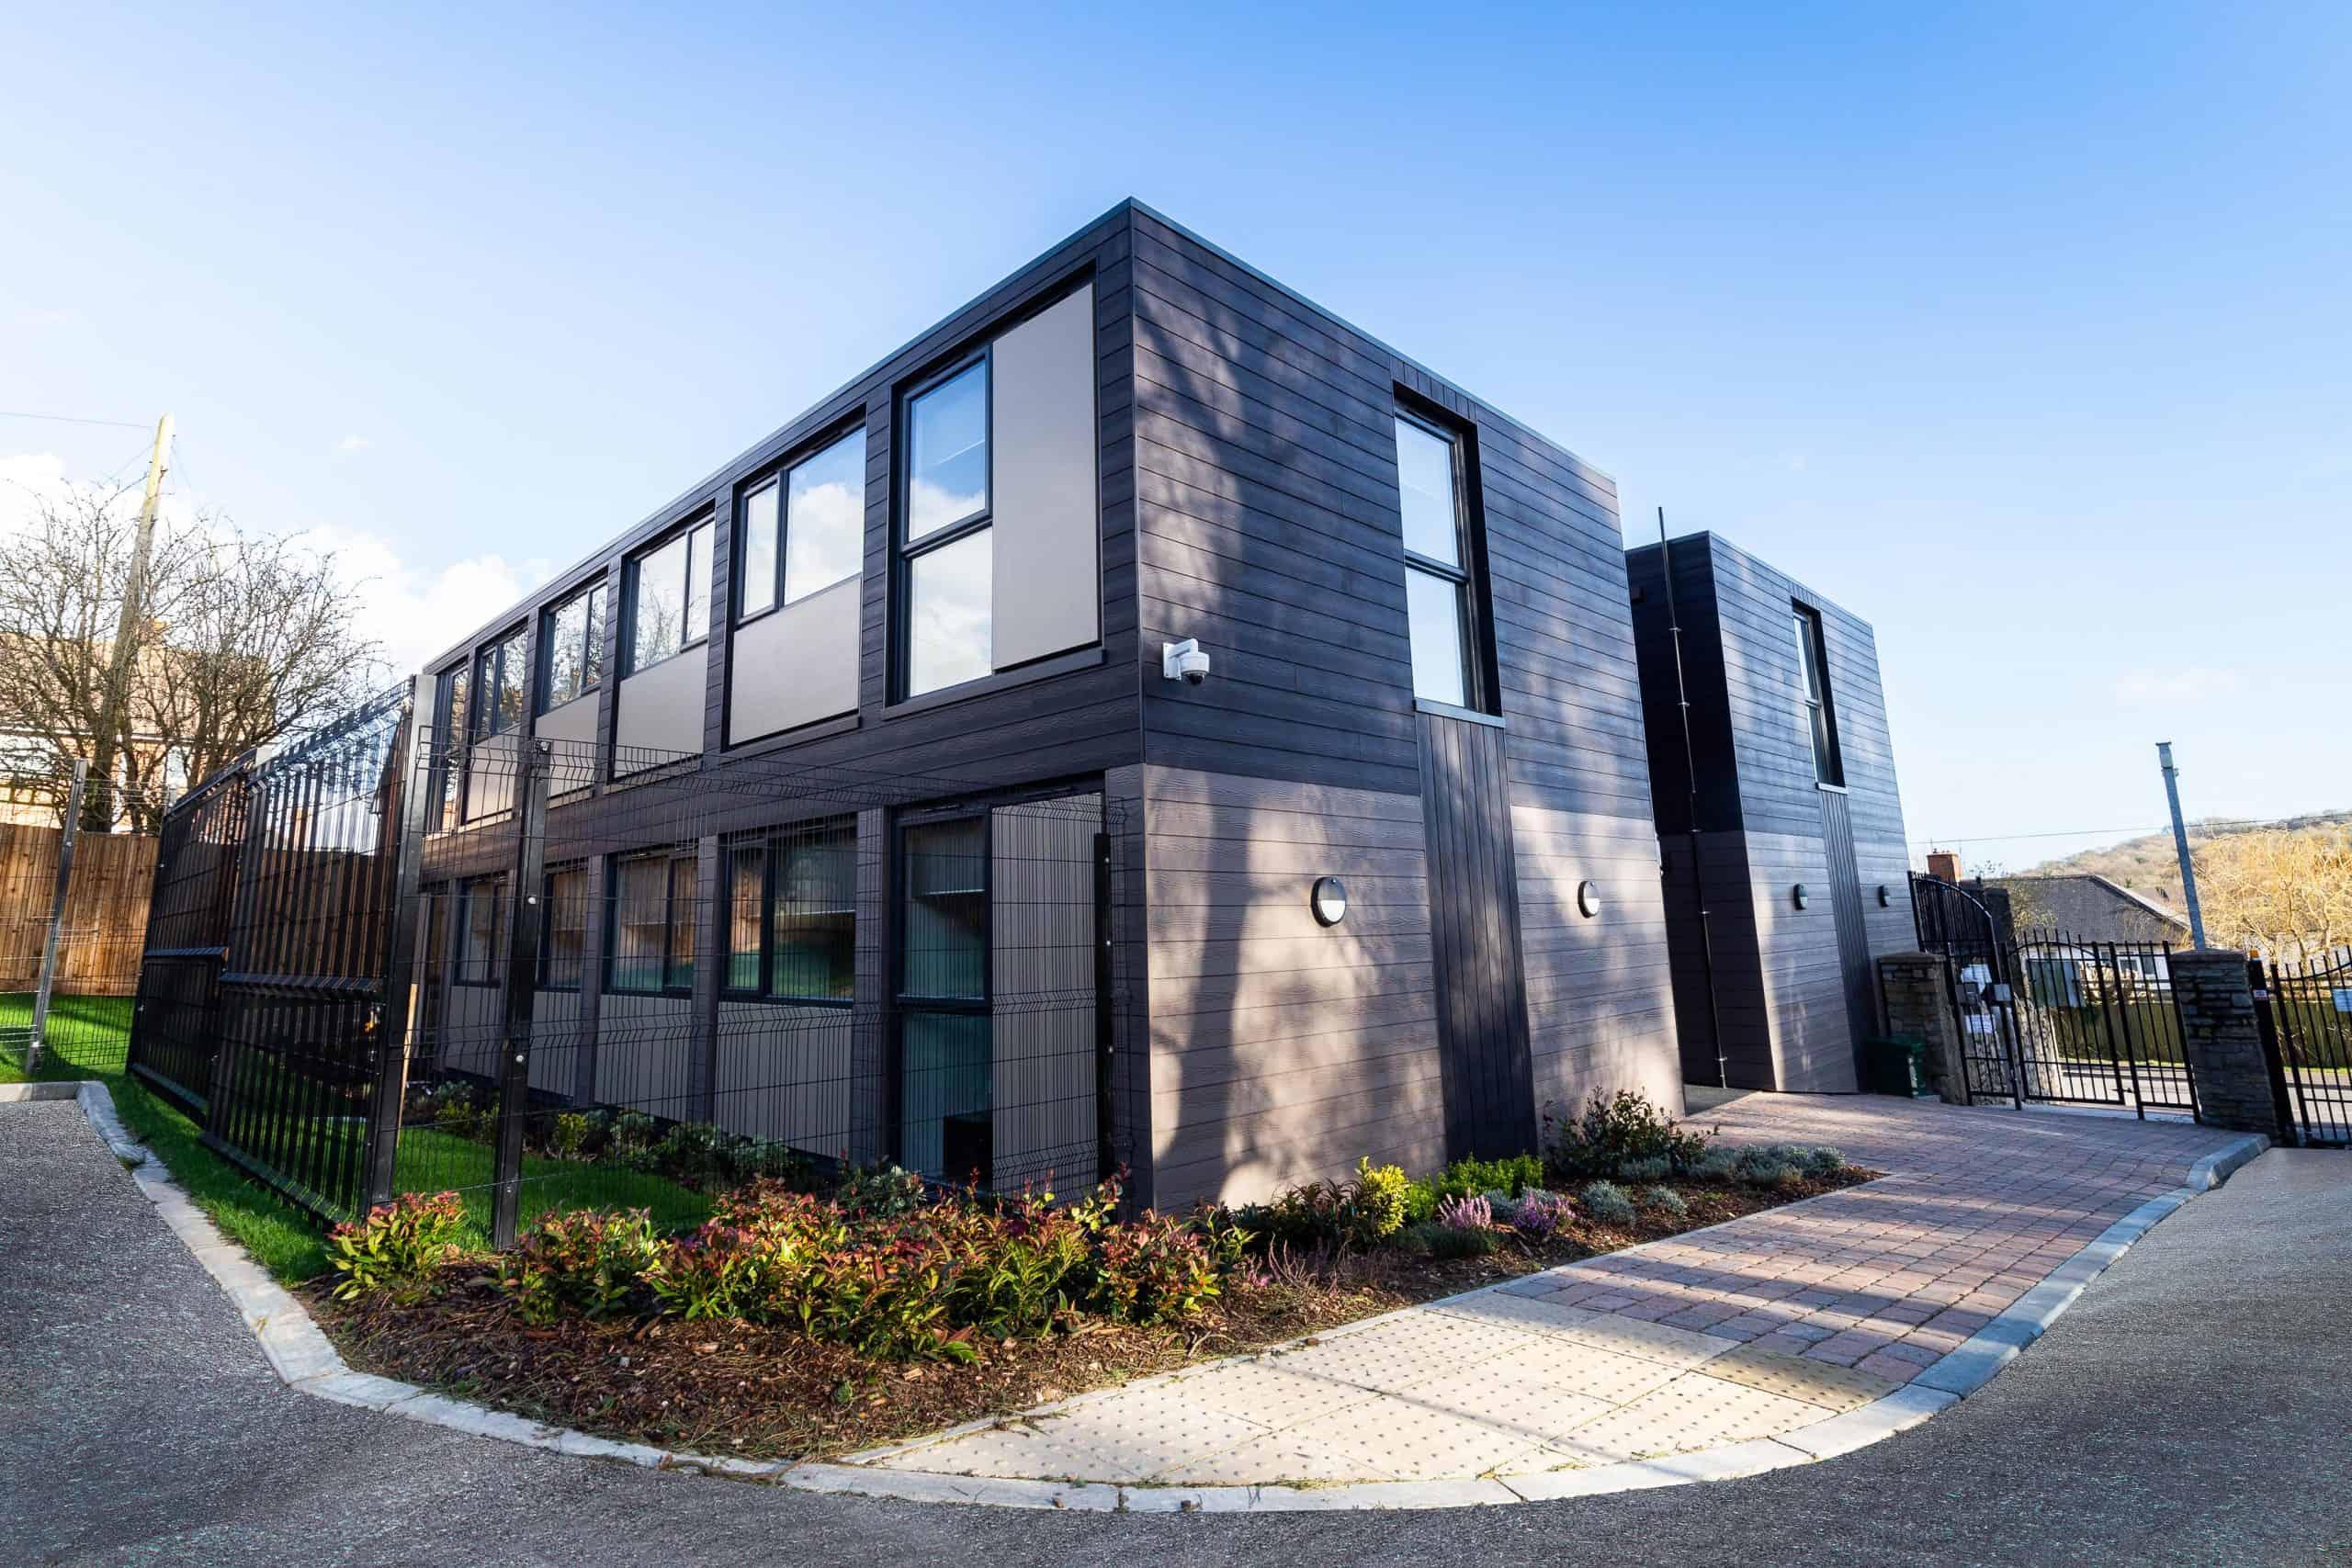 Greenfarm, Cardiff - Modular housing